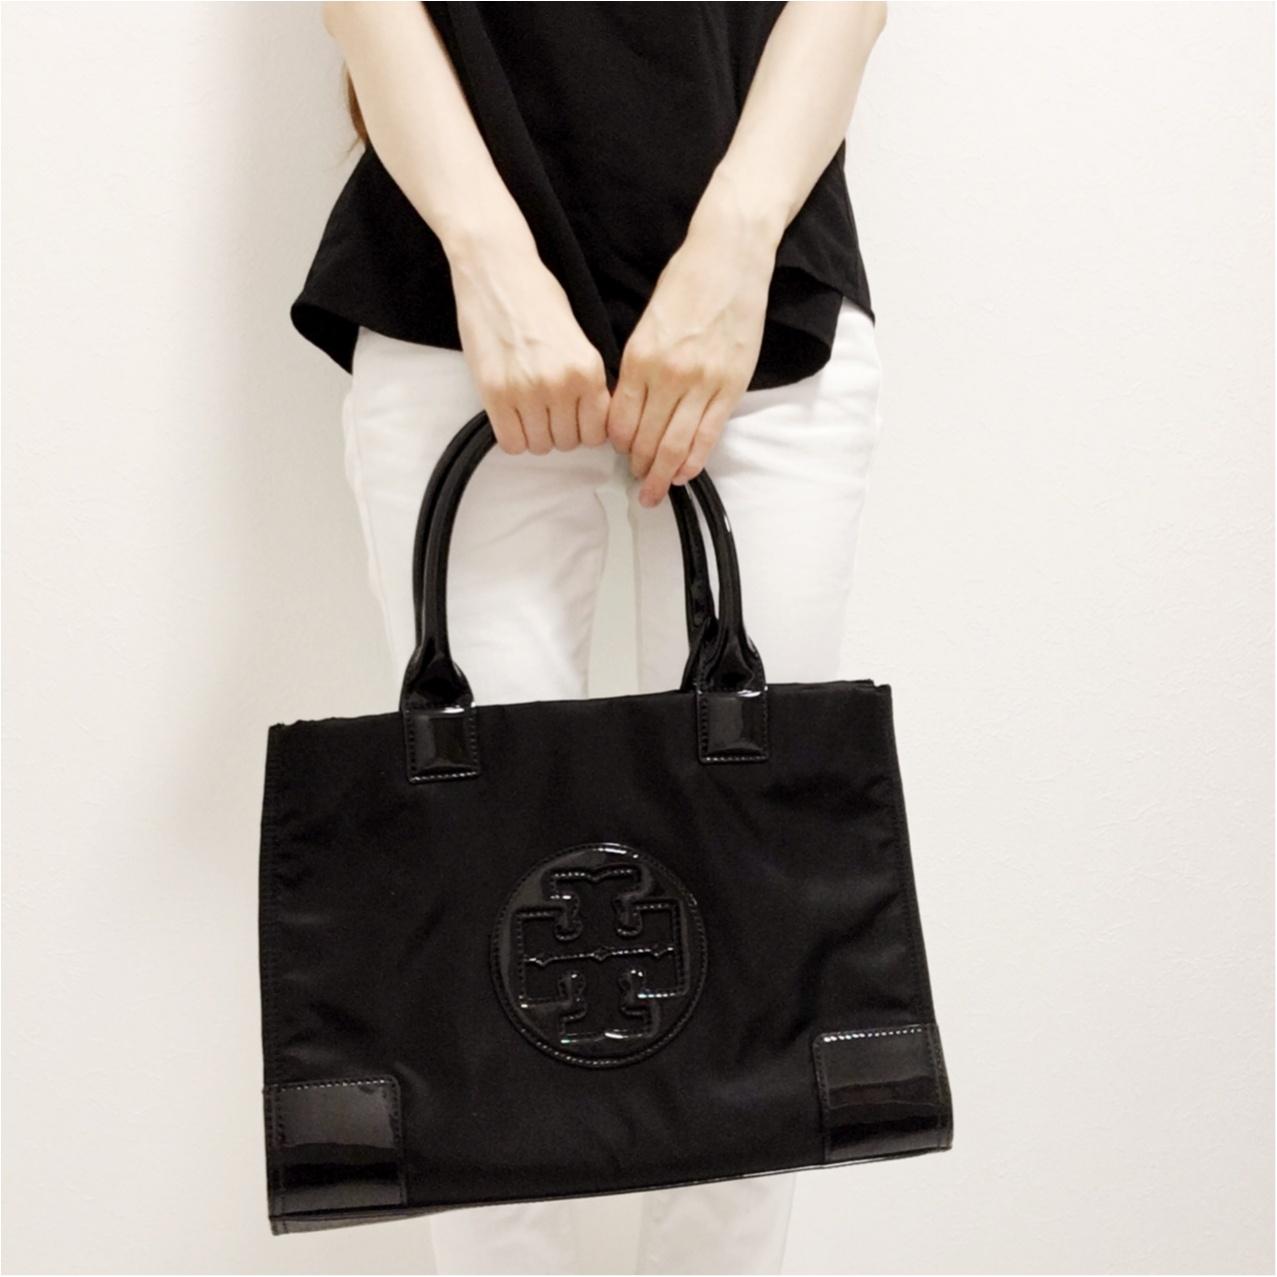 お仕事バッグ♡ シンプルでかわいいバッグ買っちゃいました ♡_1